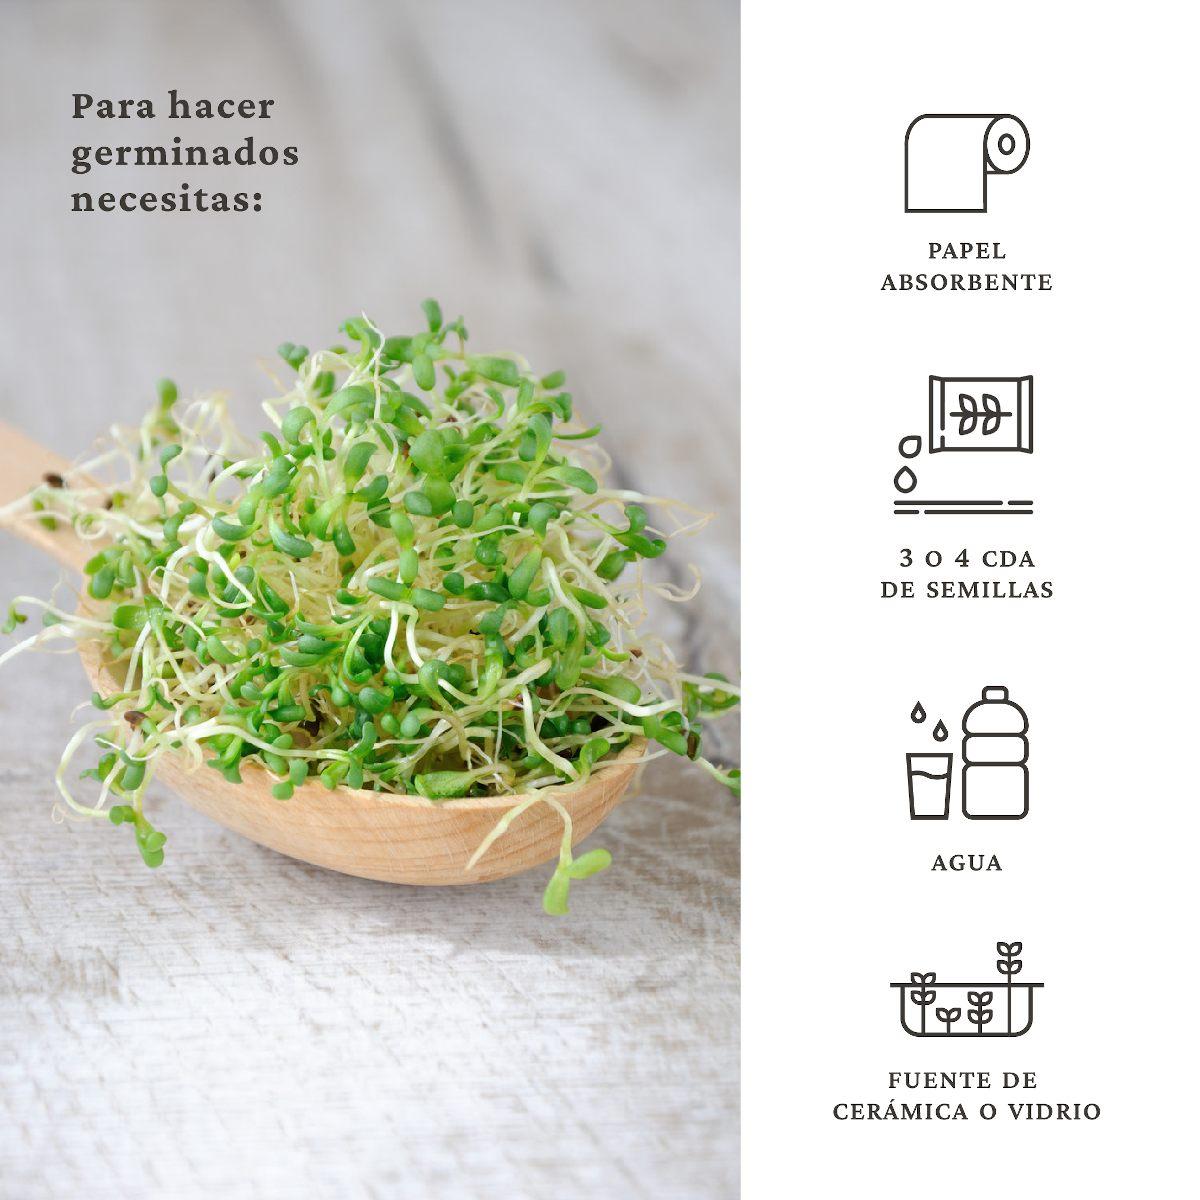 ingredientes de los germinados